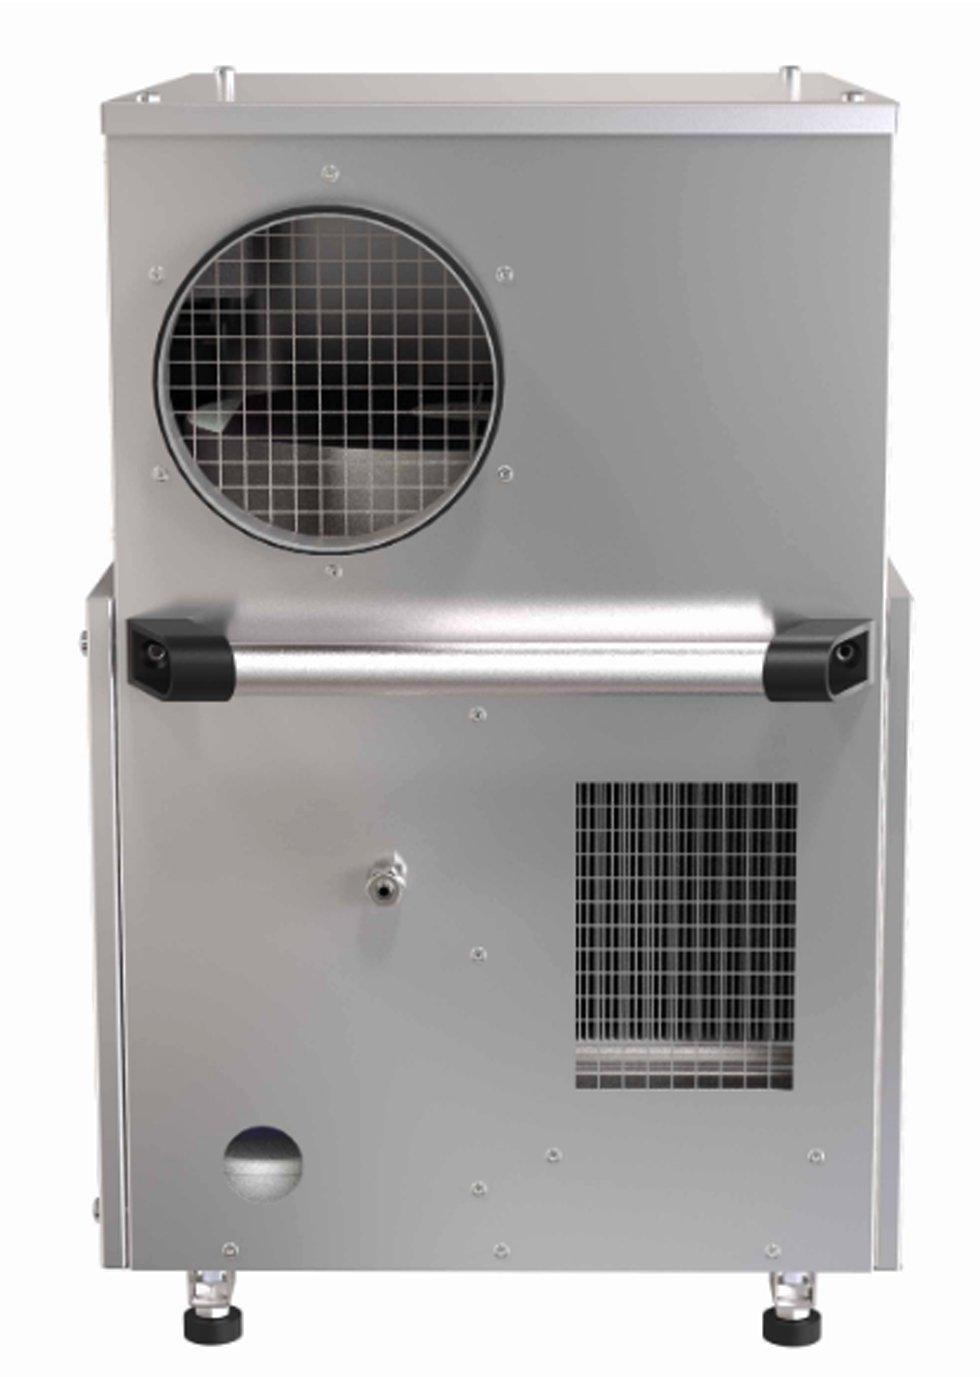 <p>AQUASORB AQ-30</p> - Industrial and comercial refrigeración equipment